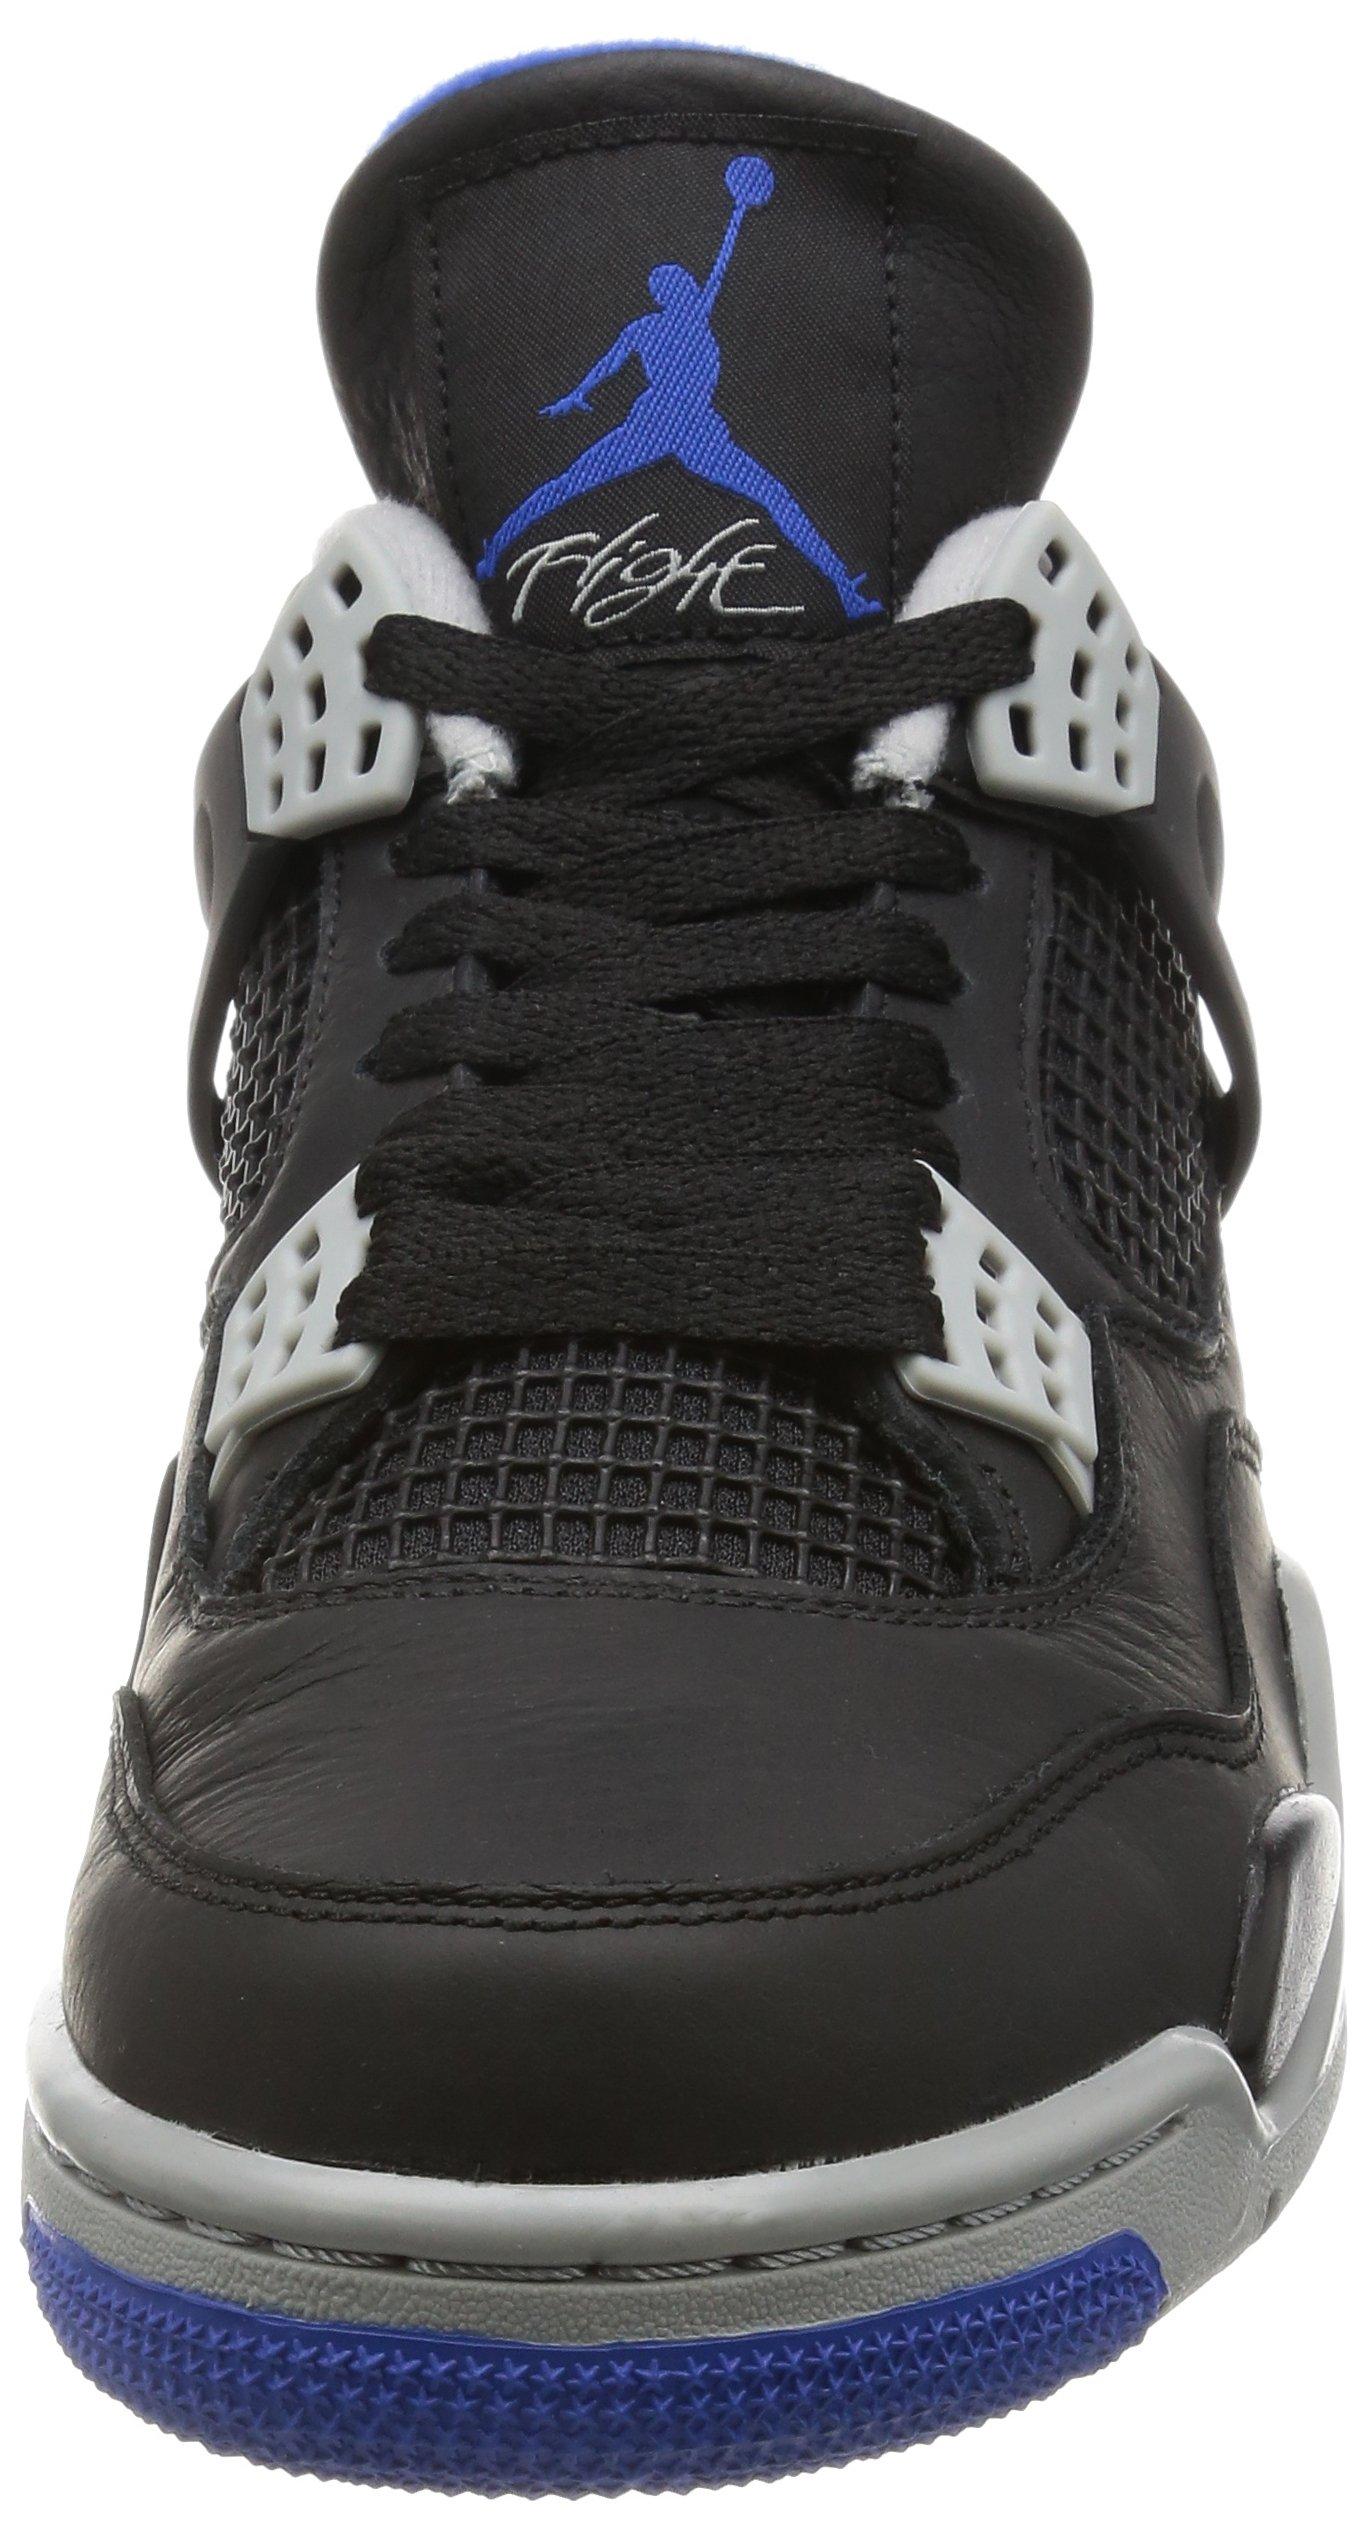 promo code adc56 d0bcb Nike AIR JORDAN 4 RETRO Mens Sneakers, Black Game Royal Matte Silver,